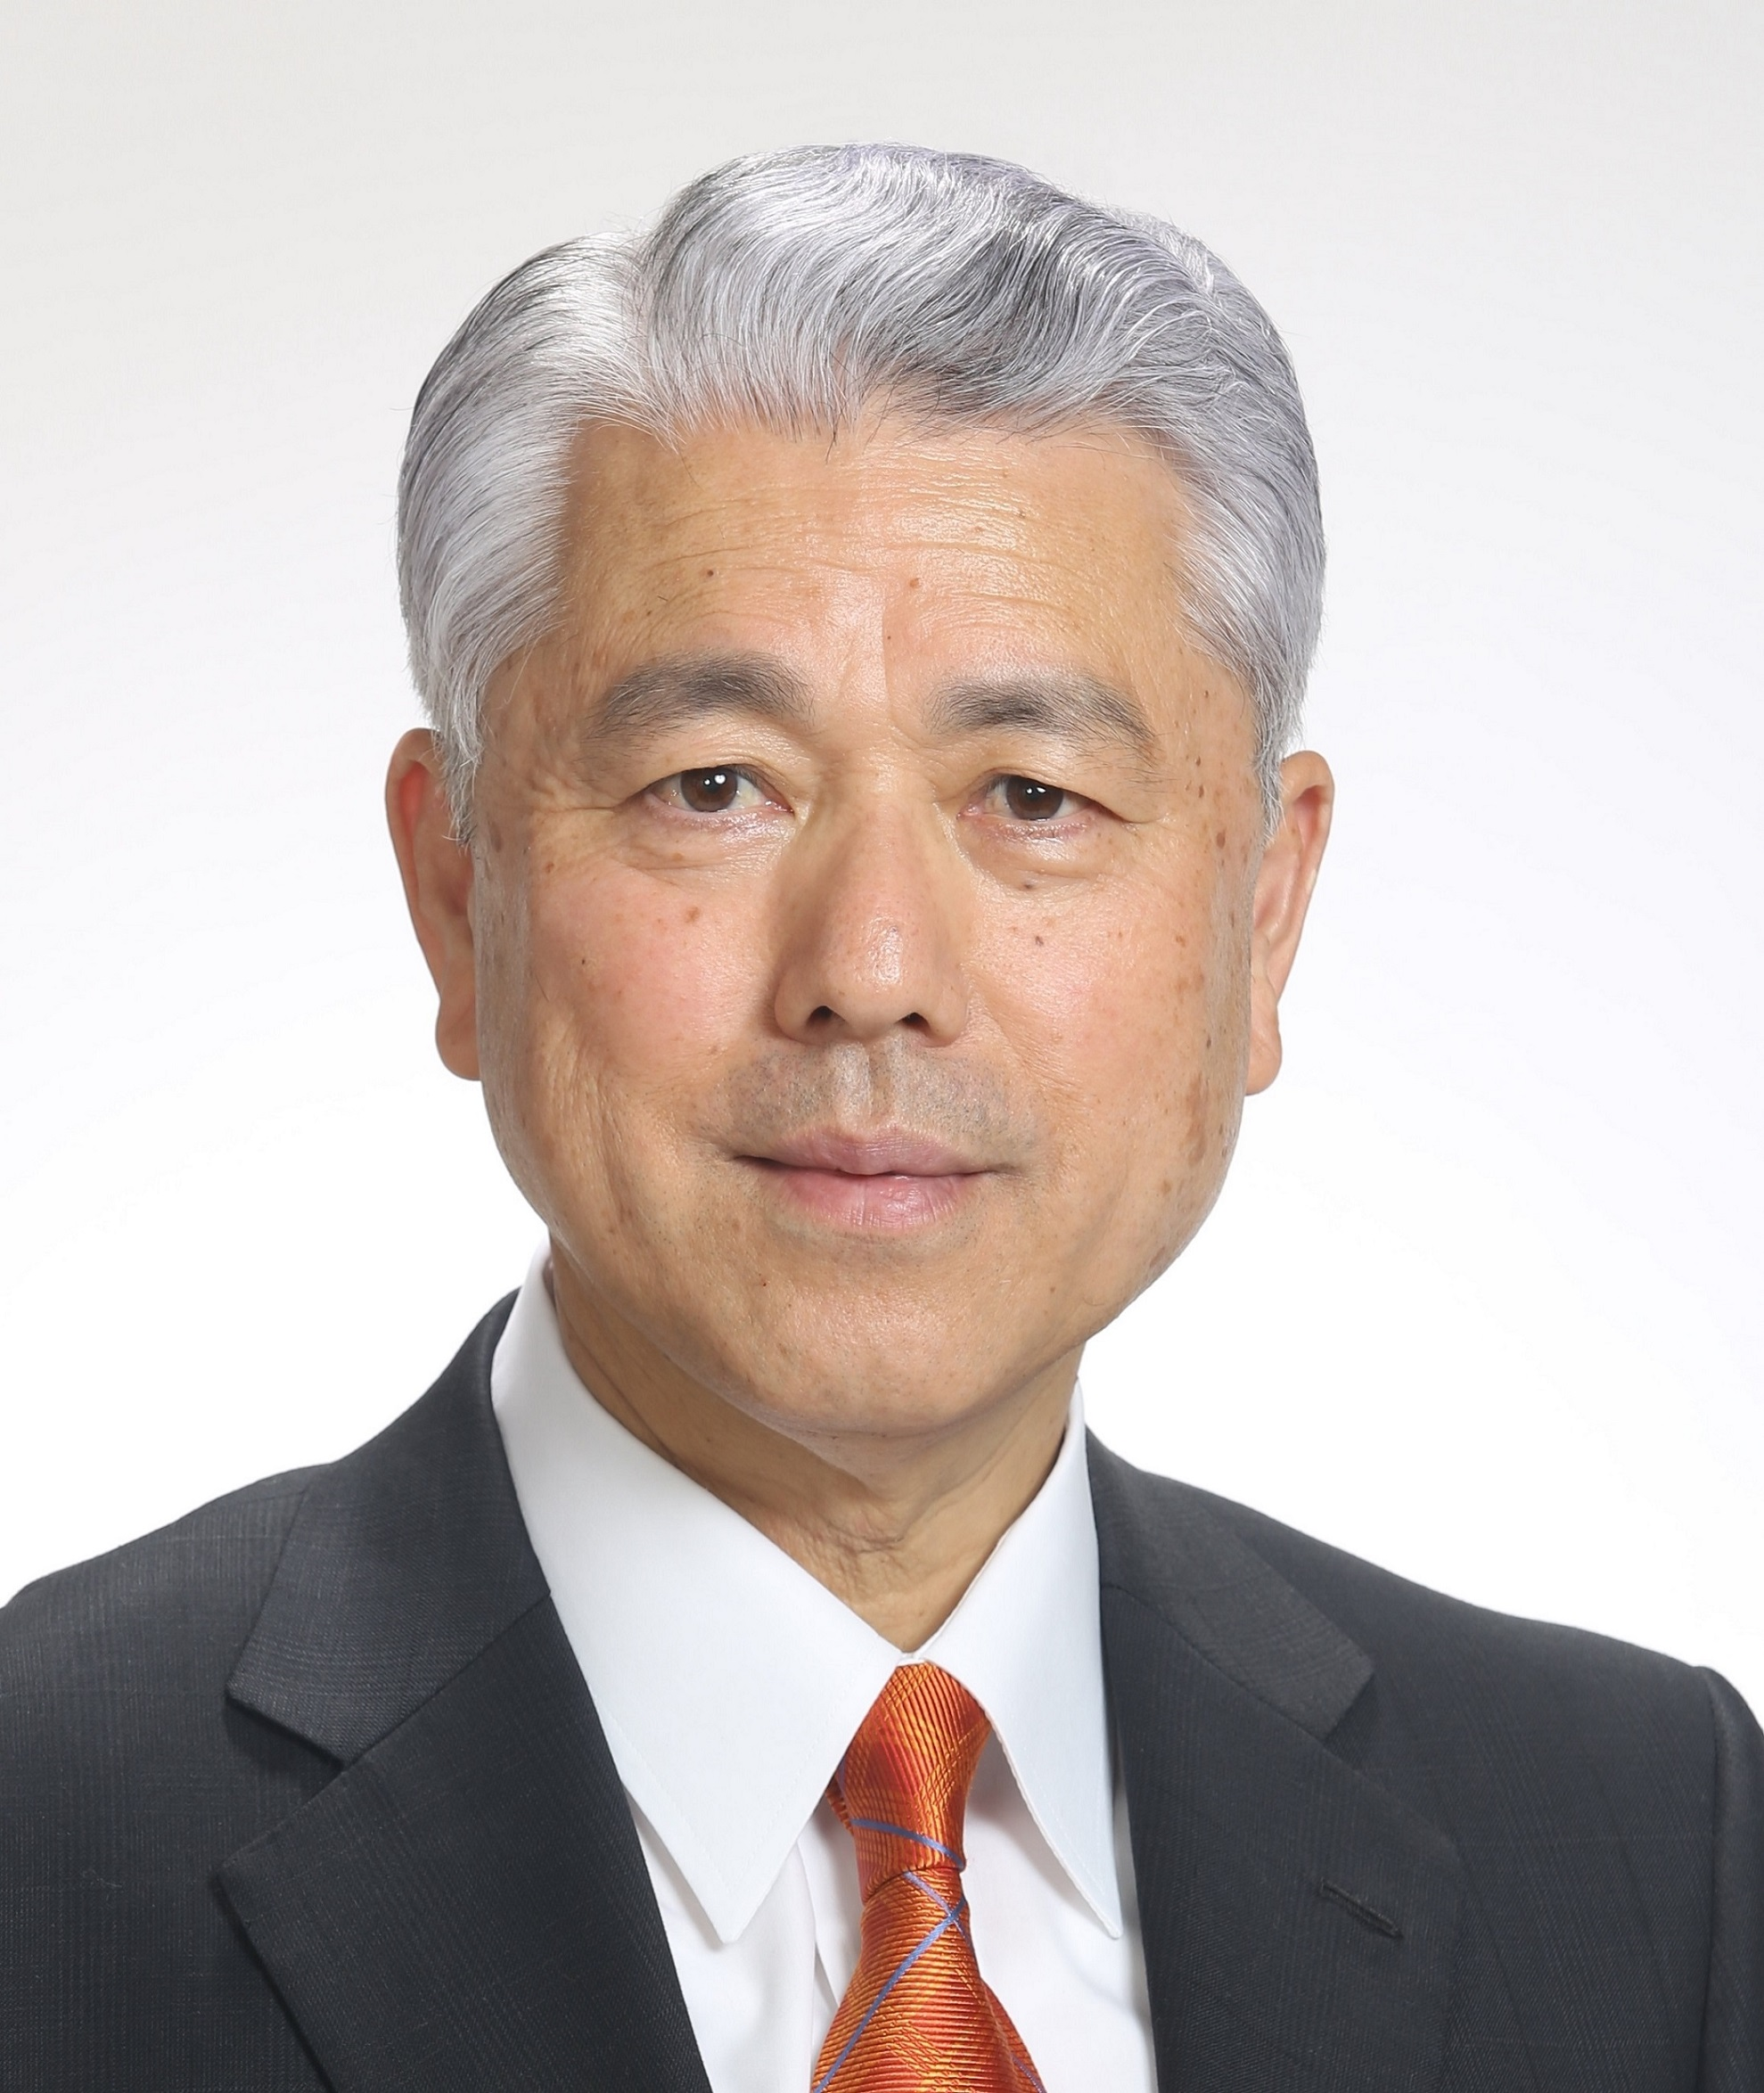 埼玉県後期高齢者医療広域連合長写真